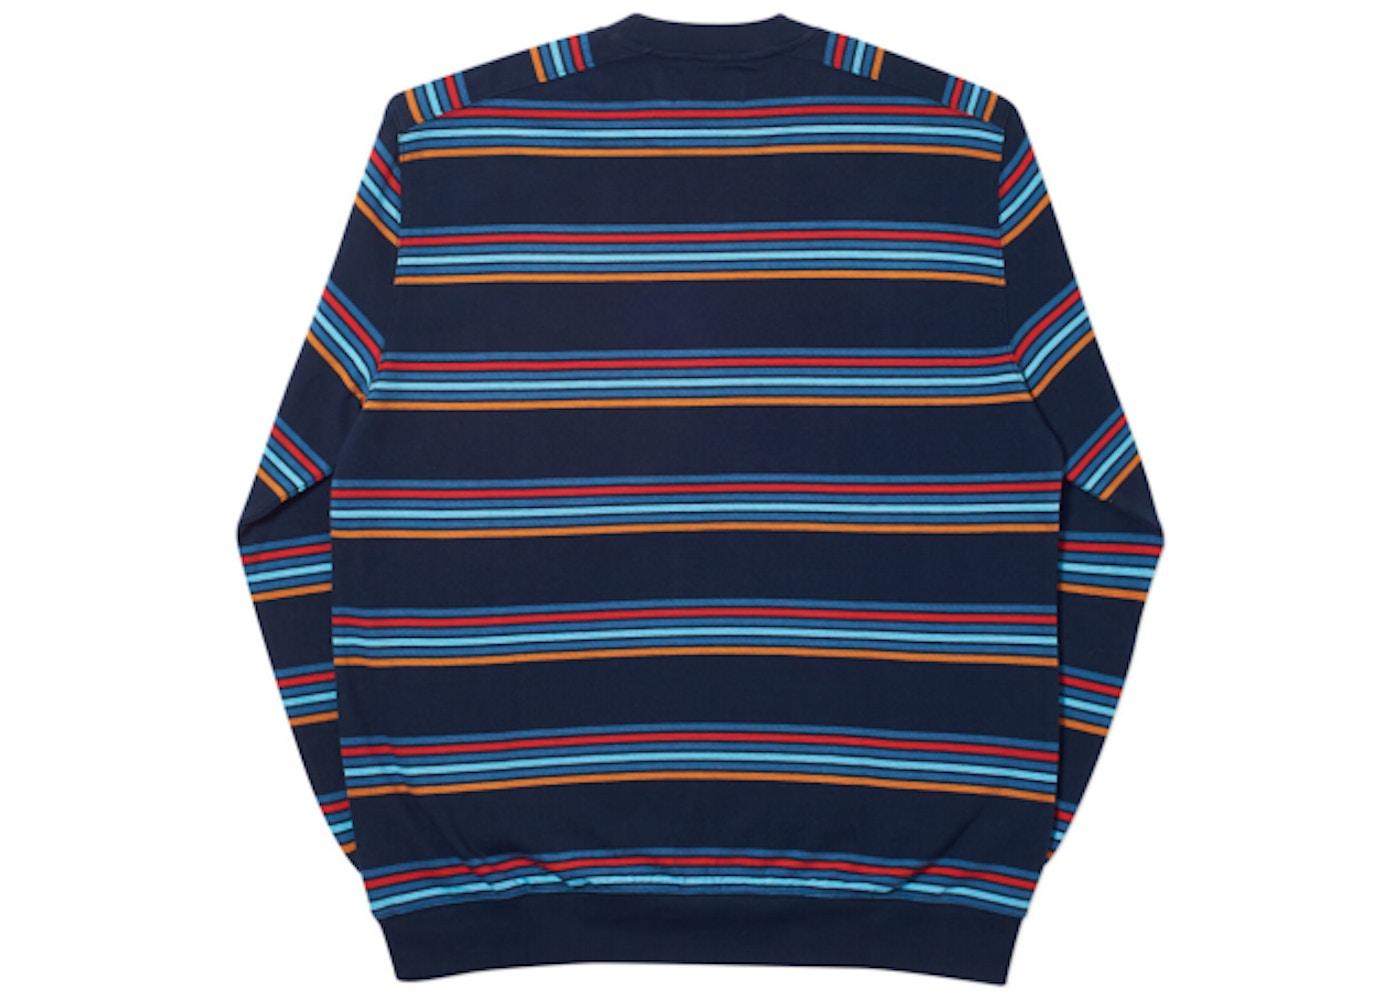 cce9c9bdd004 Streetwear - Palace Tops Sweatshirts - Release Date